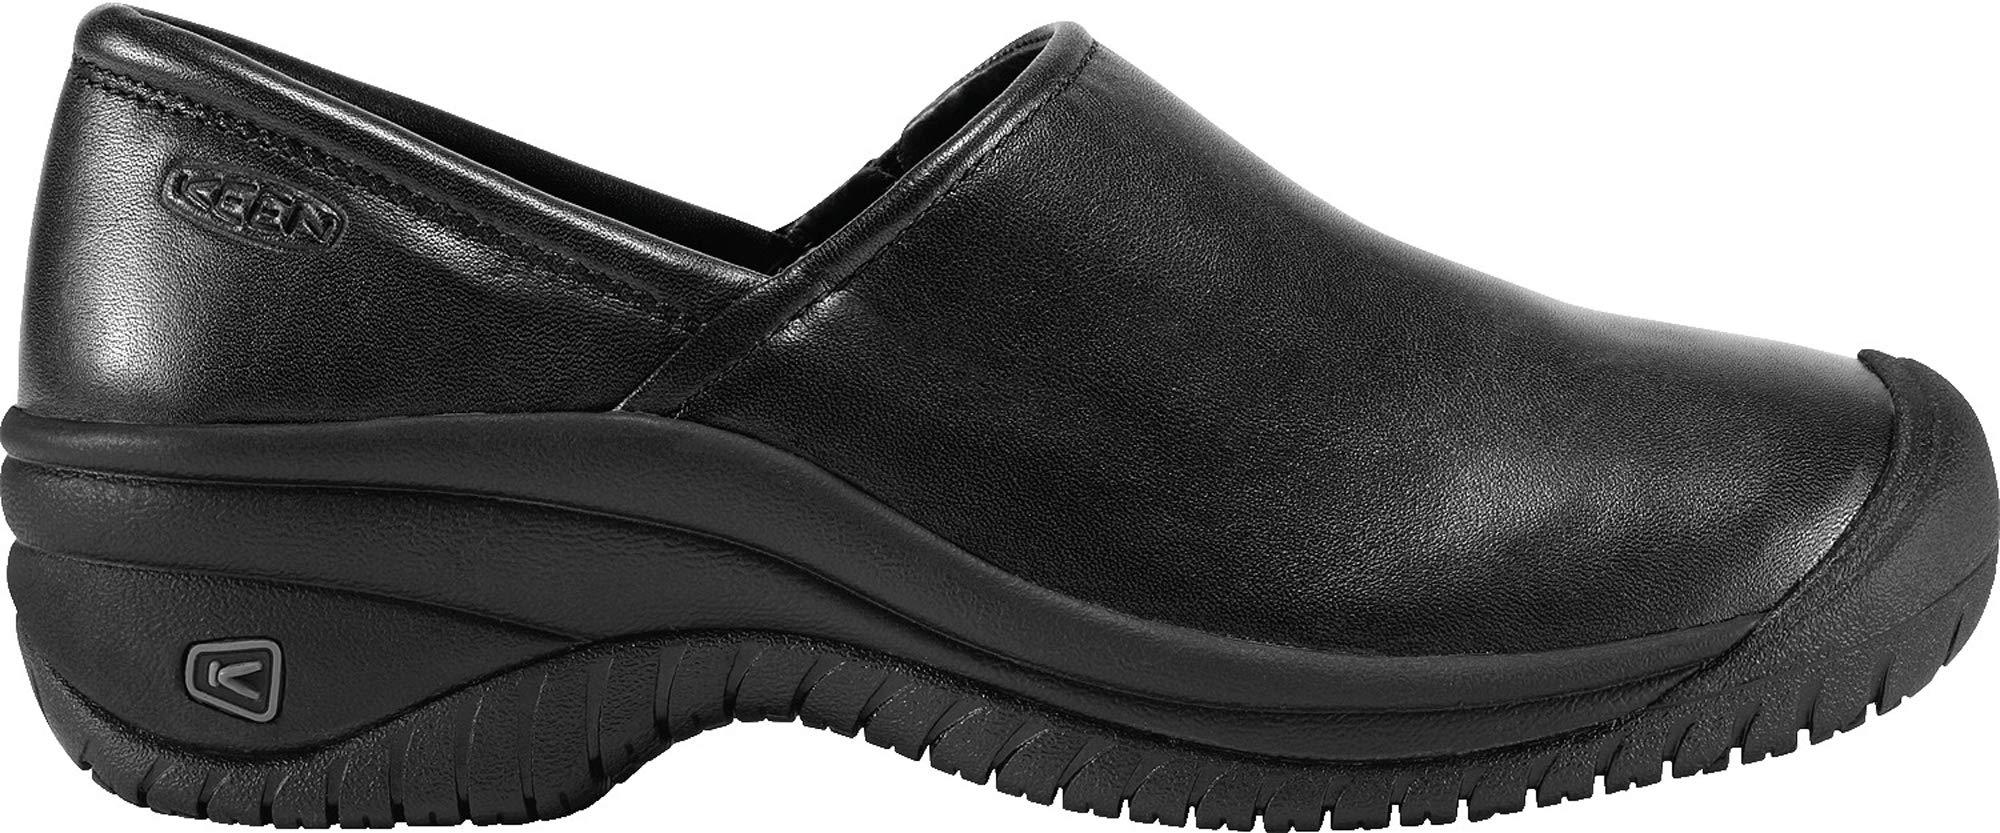 KEEN Utility Women's PTC Slip On II Work Shoe,Black,8.5 M US